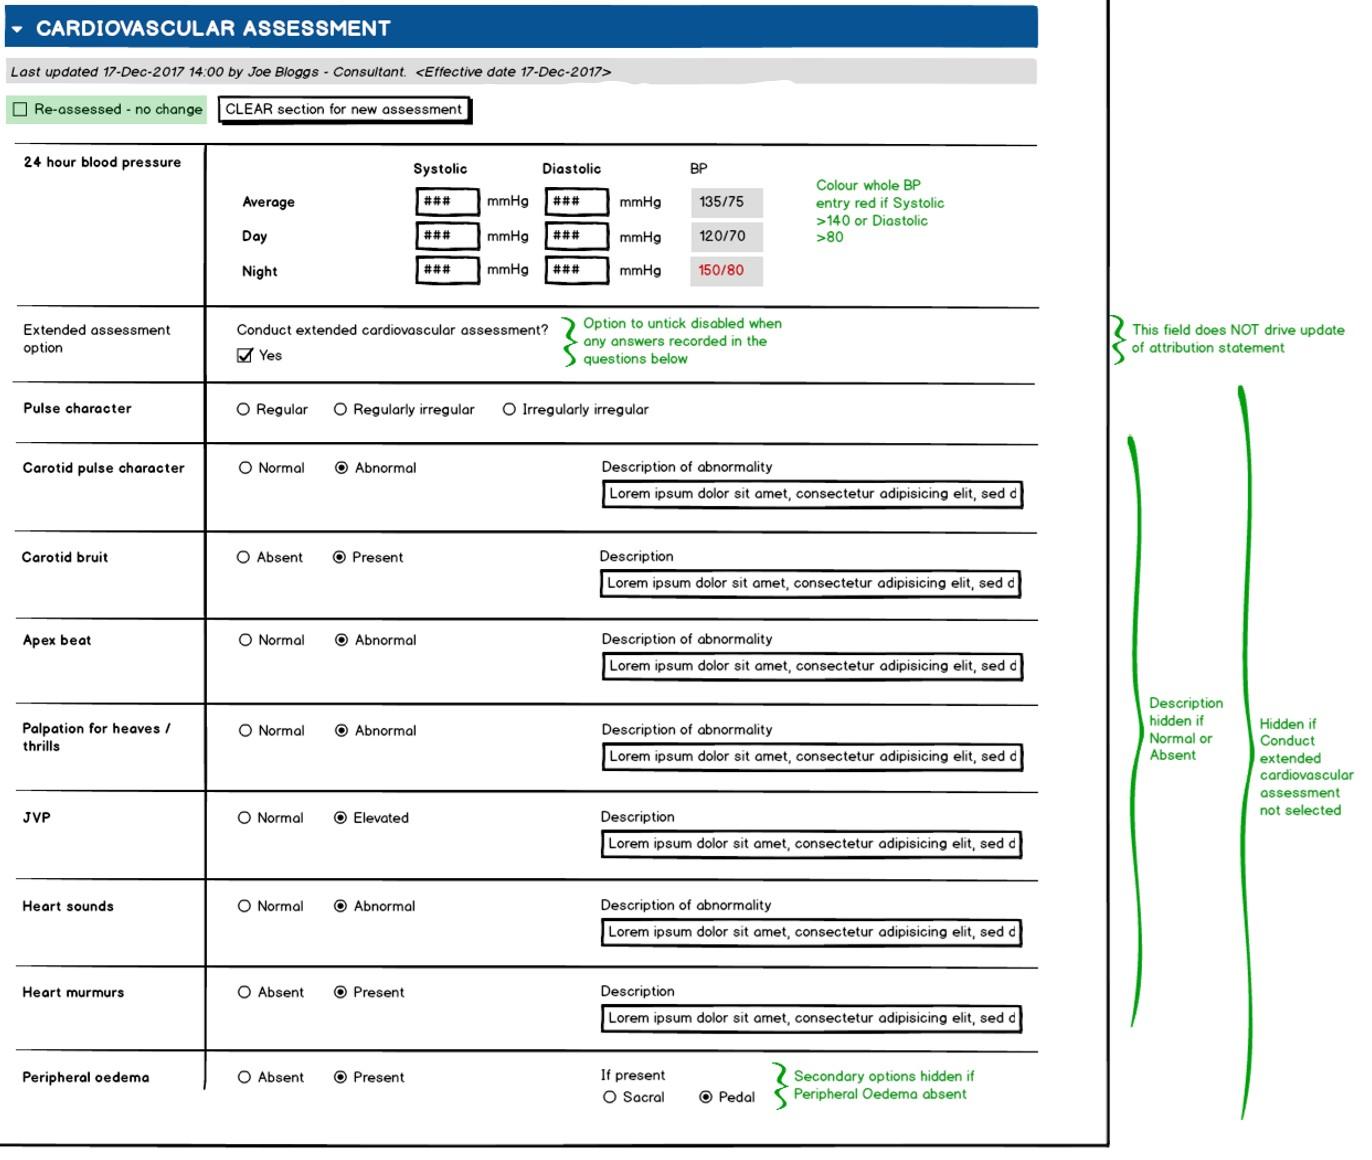 WISDM Cardiovascular Assessment